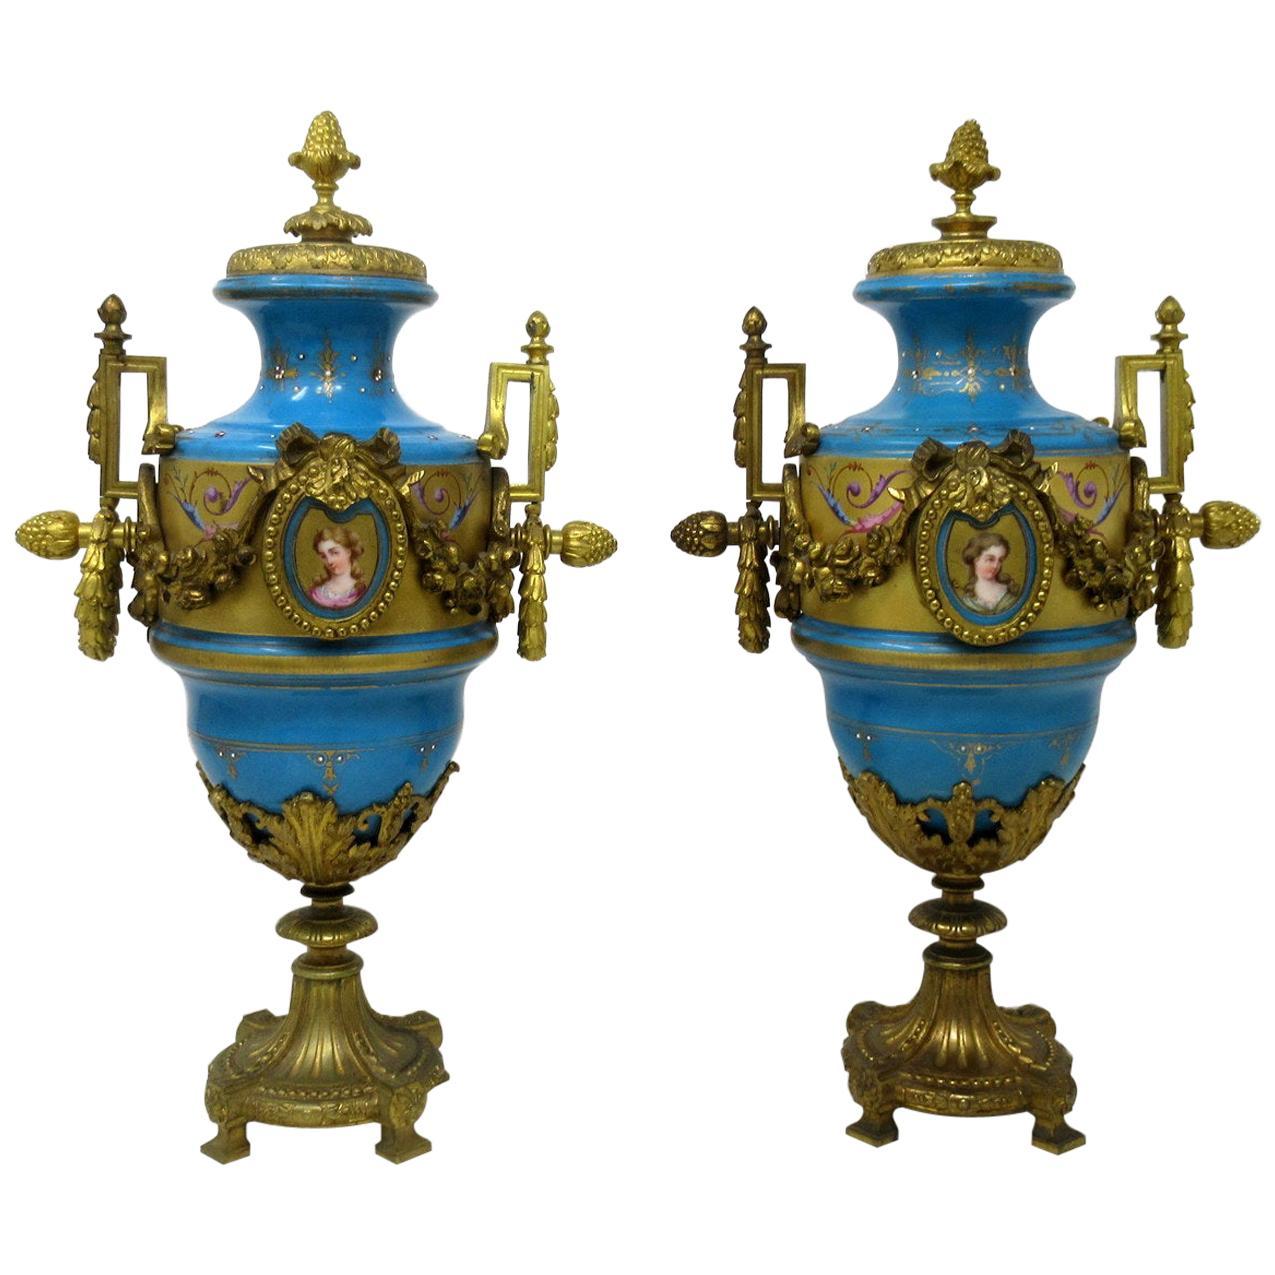 Antique Pair Sèvres Porcelain Gilt Bronze Portrait Ormolu Celest Blue Urns Vases